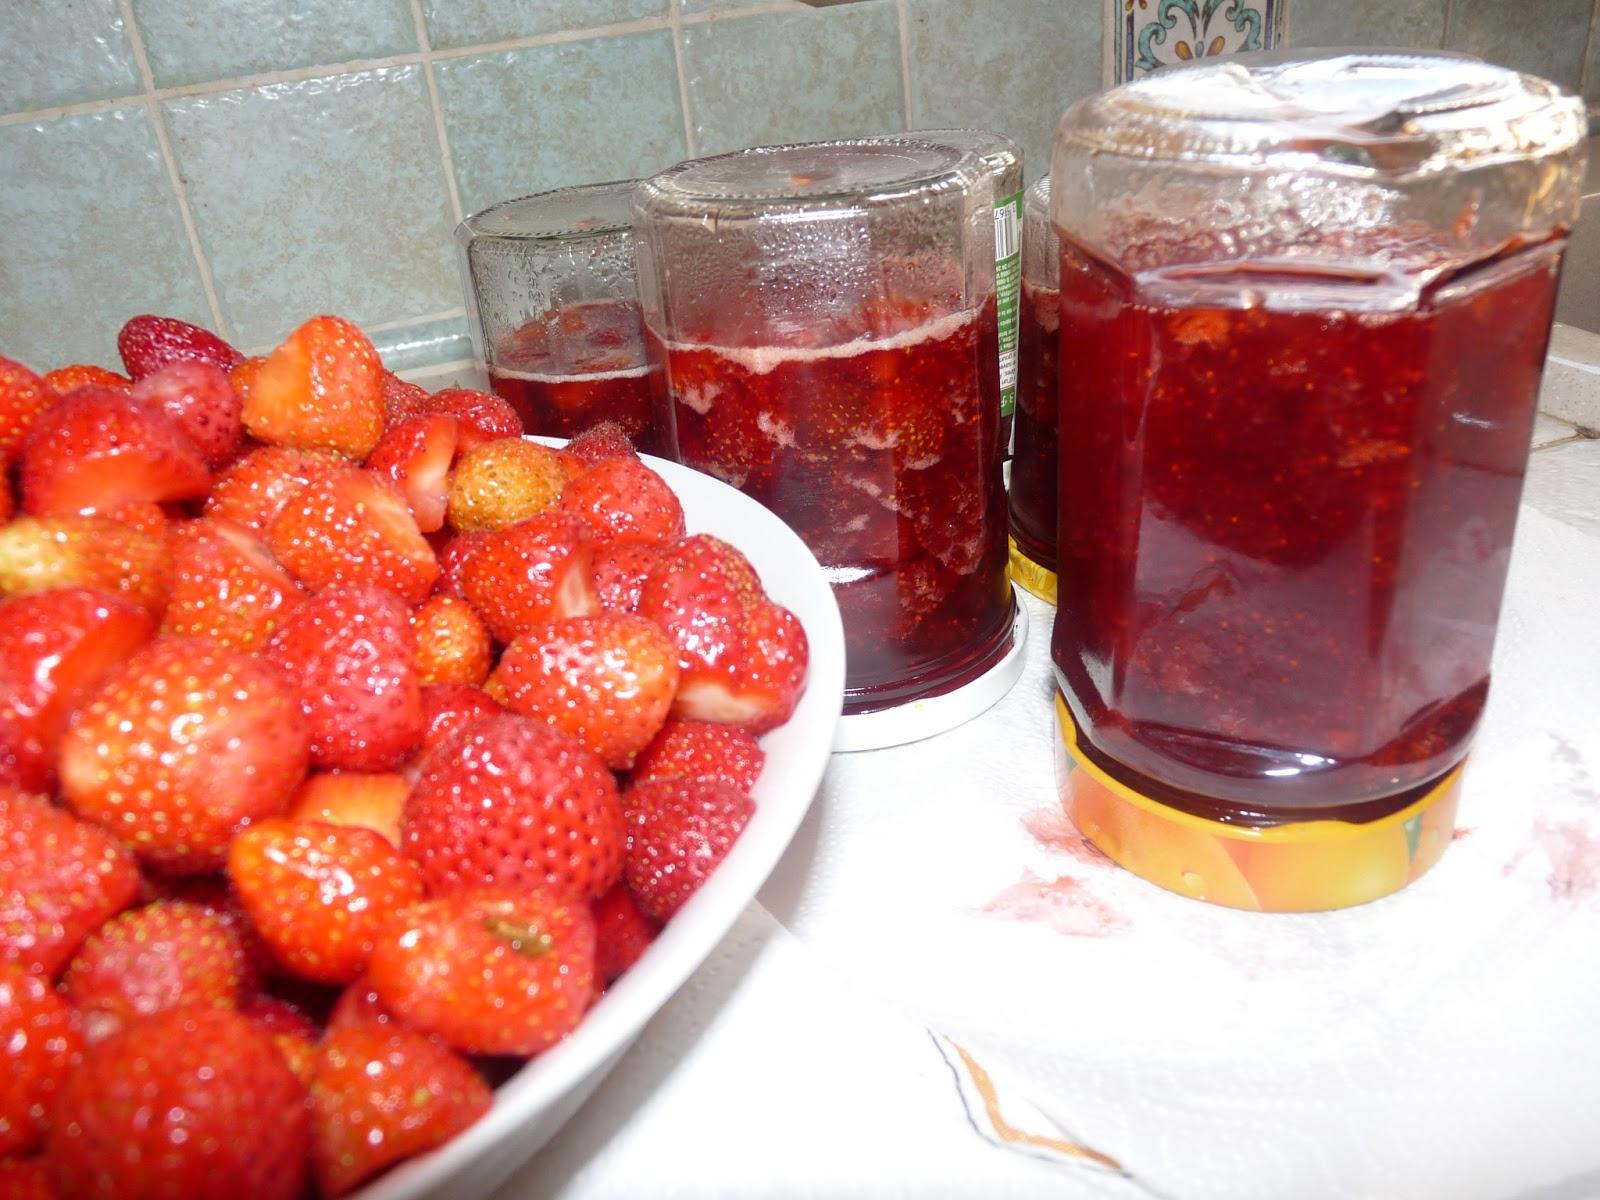 Passion cuisine confiture de fraises maison - Confiture de fraises maison ...